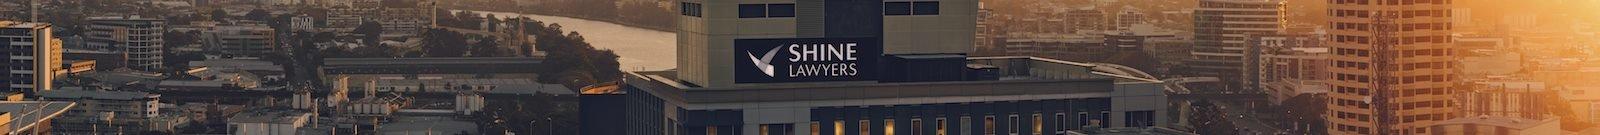 Ashly Madison lawyers | Shine Lawyers